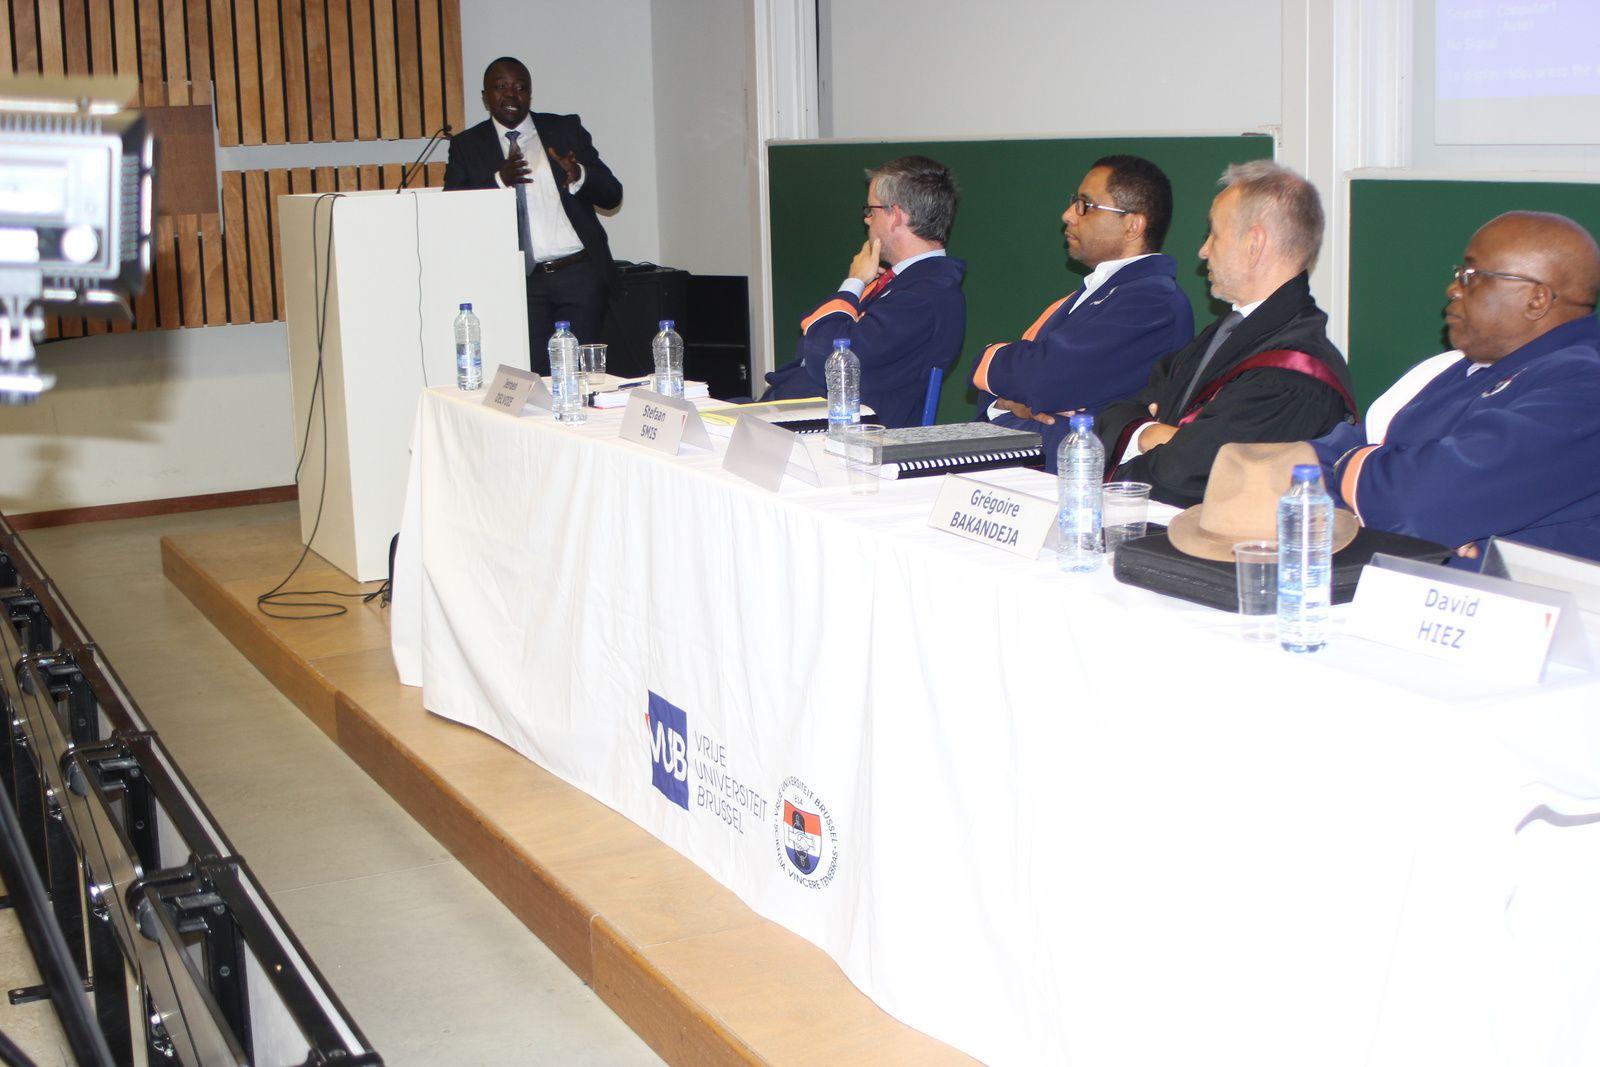 Bruxelles. Soutenance de thèse en droit de Christian Bahati à la VUB